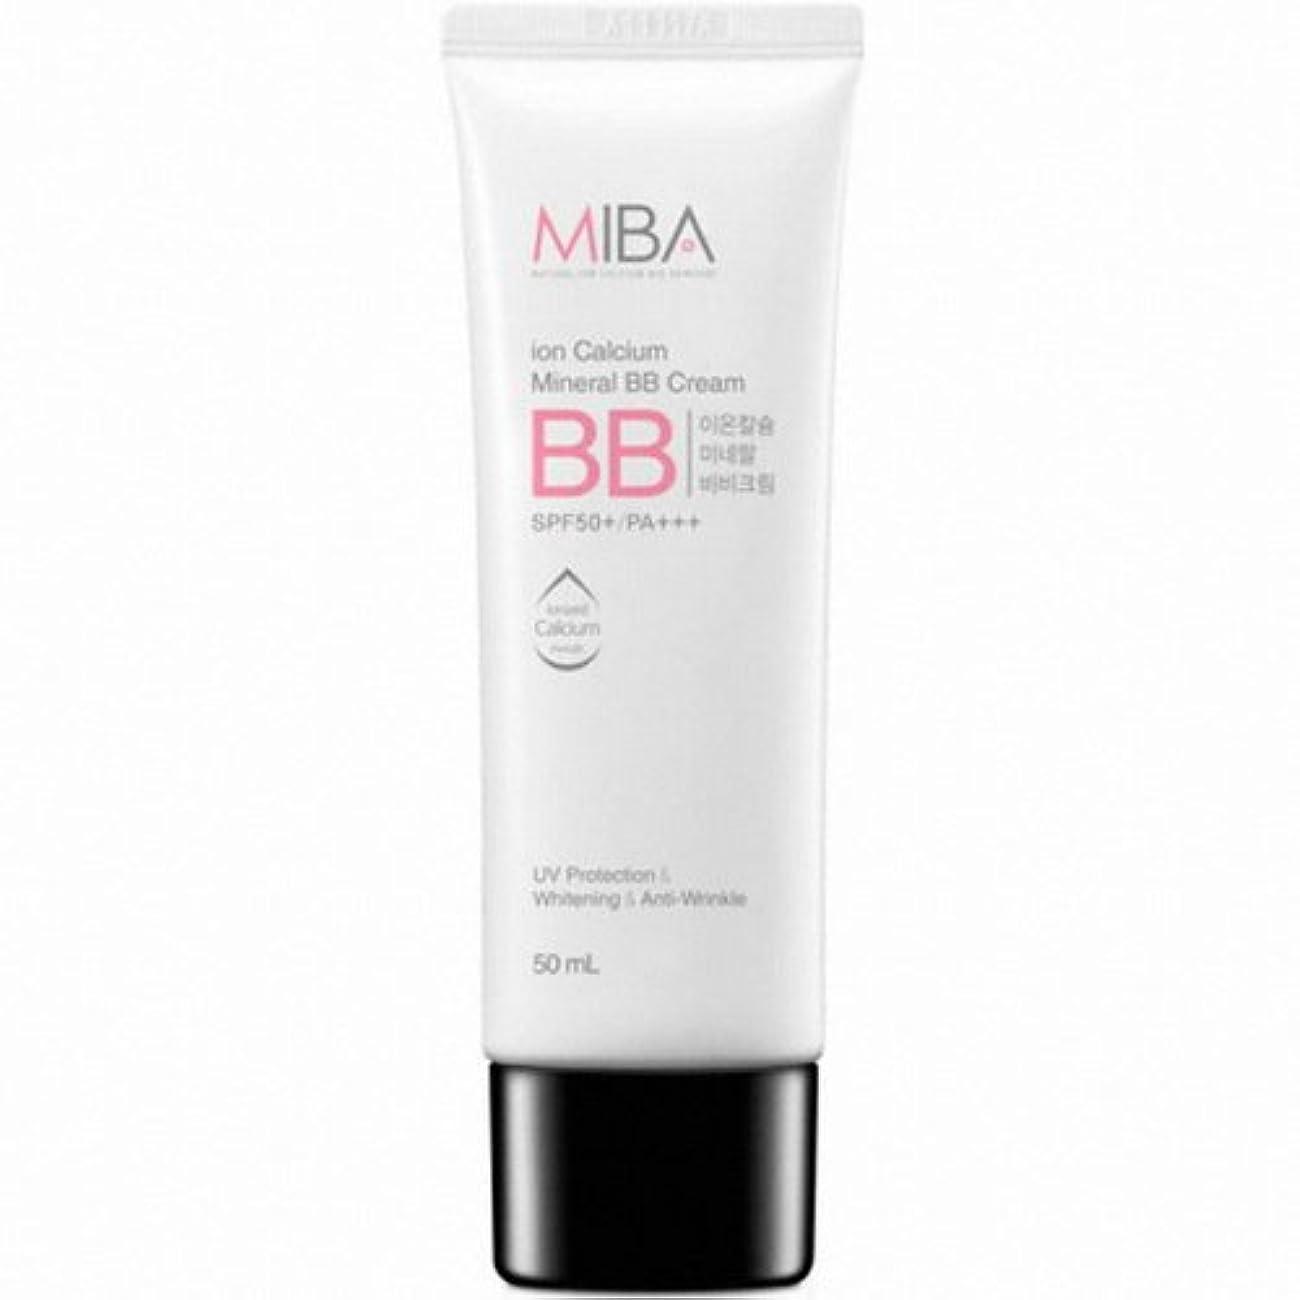 襲撃敵対的思いつくMINERALBIO (ミネラルバイオ) ミバ イオン カルシウム ミネラル ビビクリーム / MIBA Ion Calcium Mineral BB Cream (50ml) [並行輸入品]